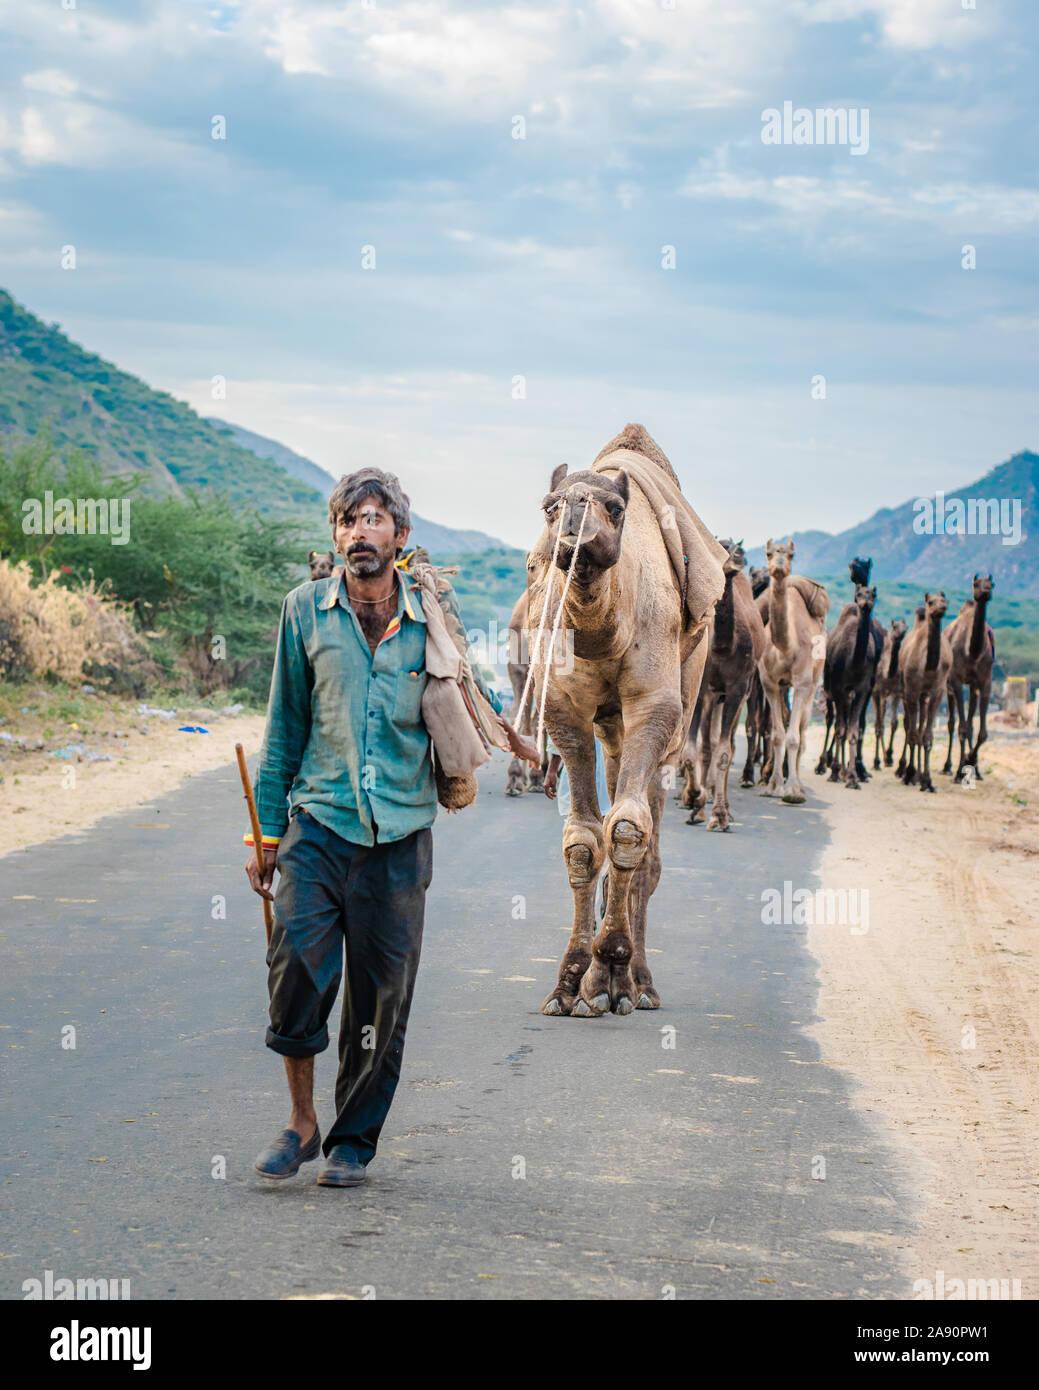 Commercianti di cammello che ritornano dalla foresta del deserto con la sua carovana alla fiera annuale del cammello a Pushkar, Rajasthan. Foto Stock